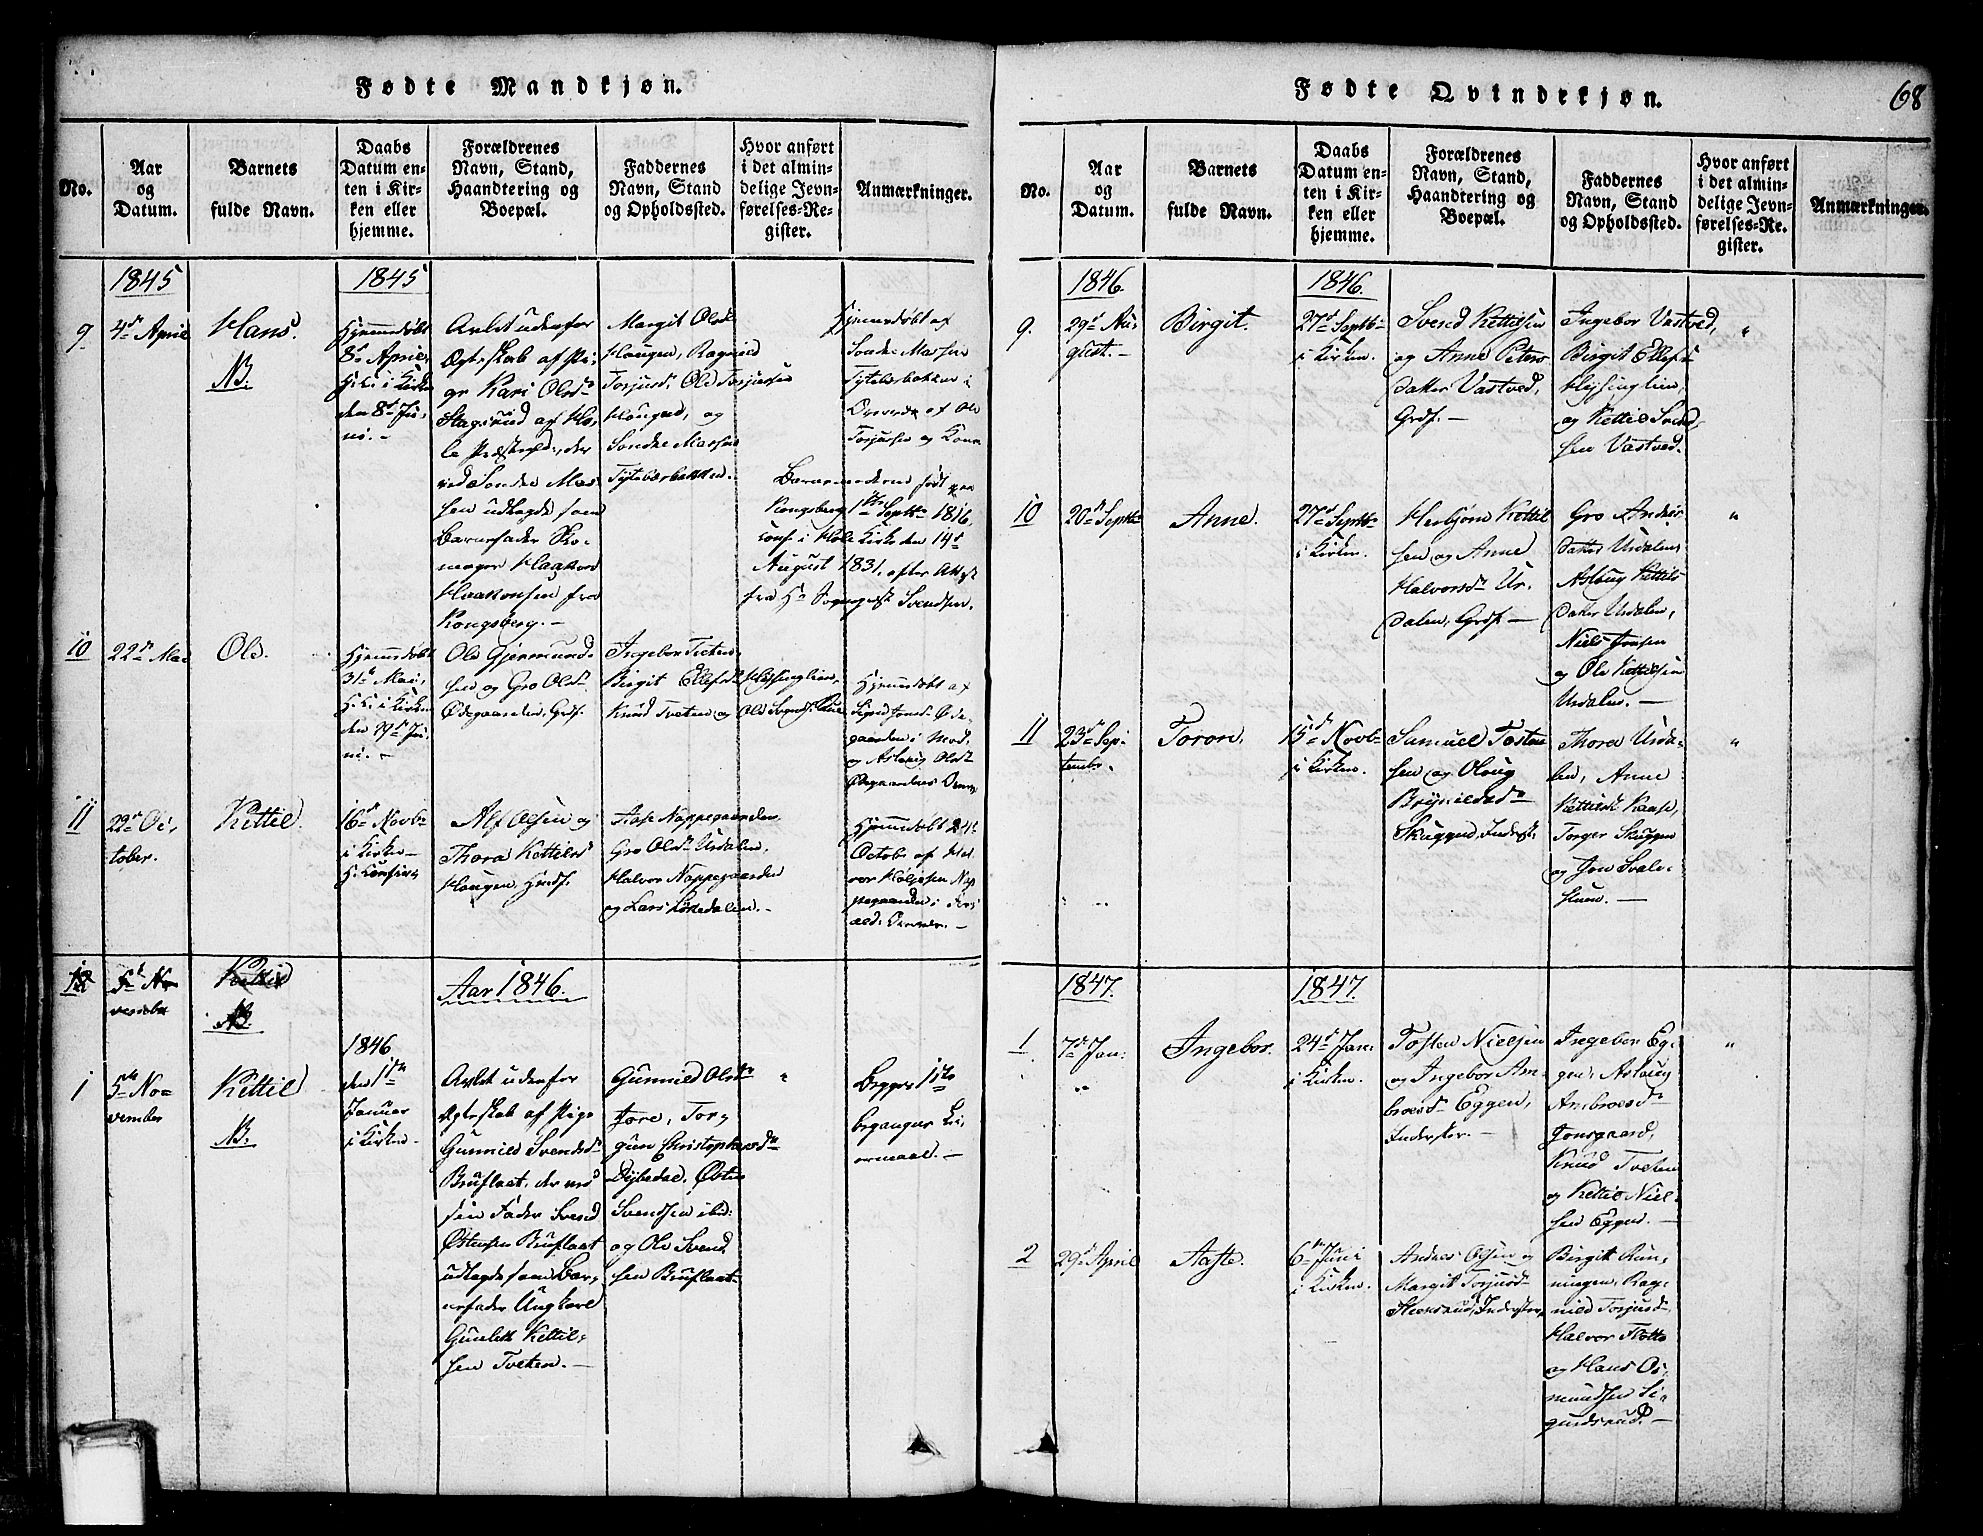 SAKO, Gransherad kirkebøker, G/Gb/L0001: Klokkerbok nr. II 1, 1815-1860, s. 68